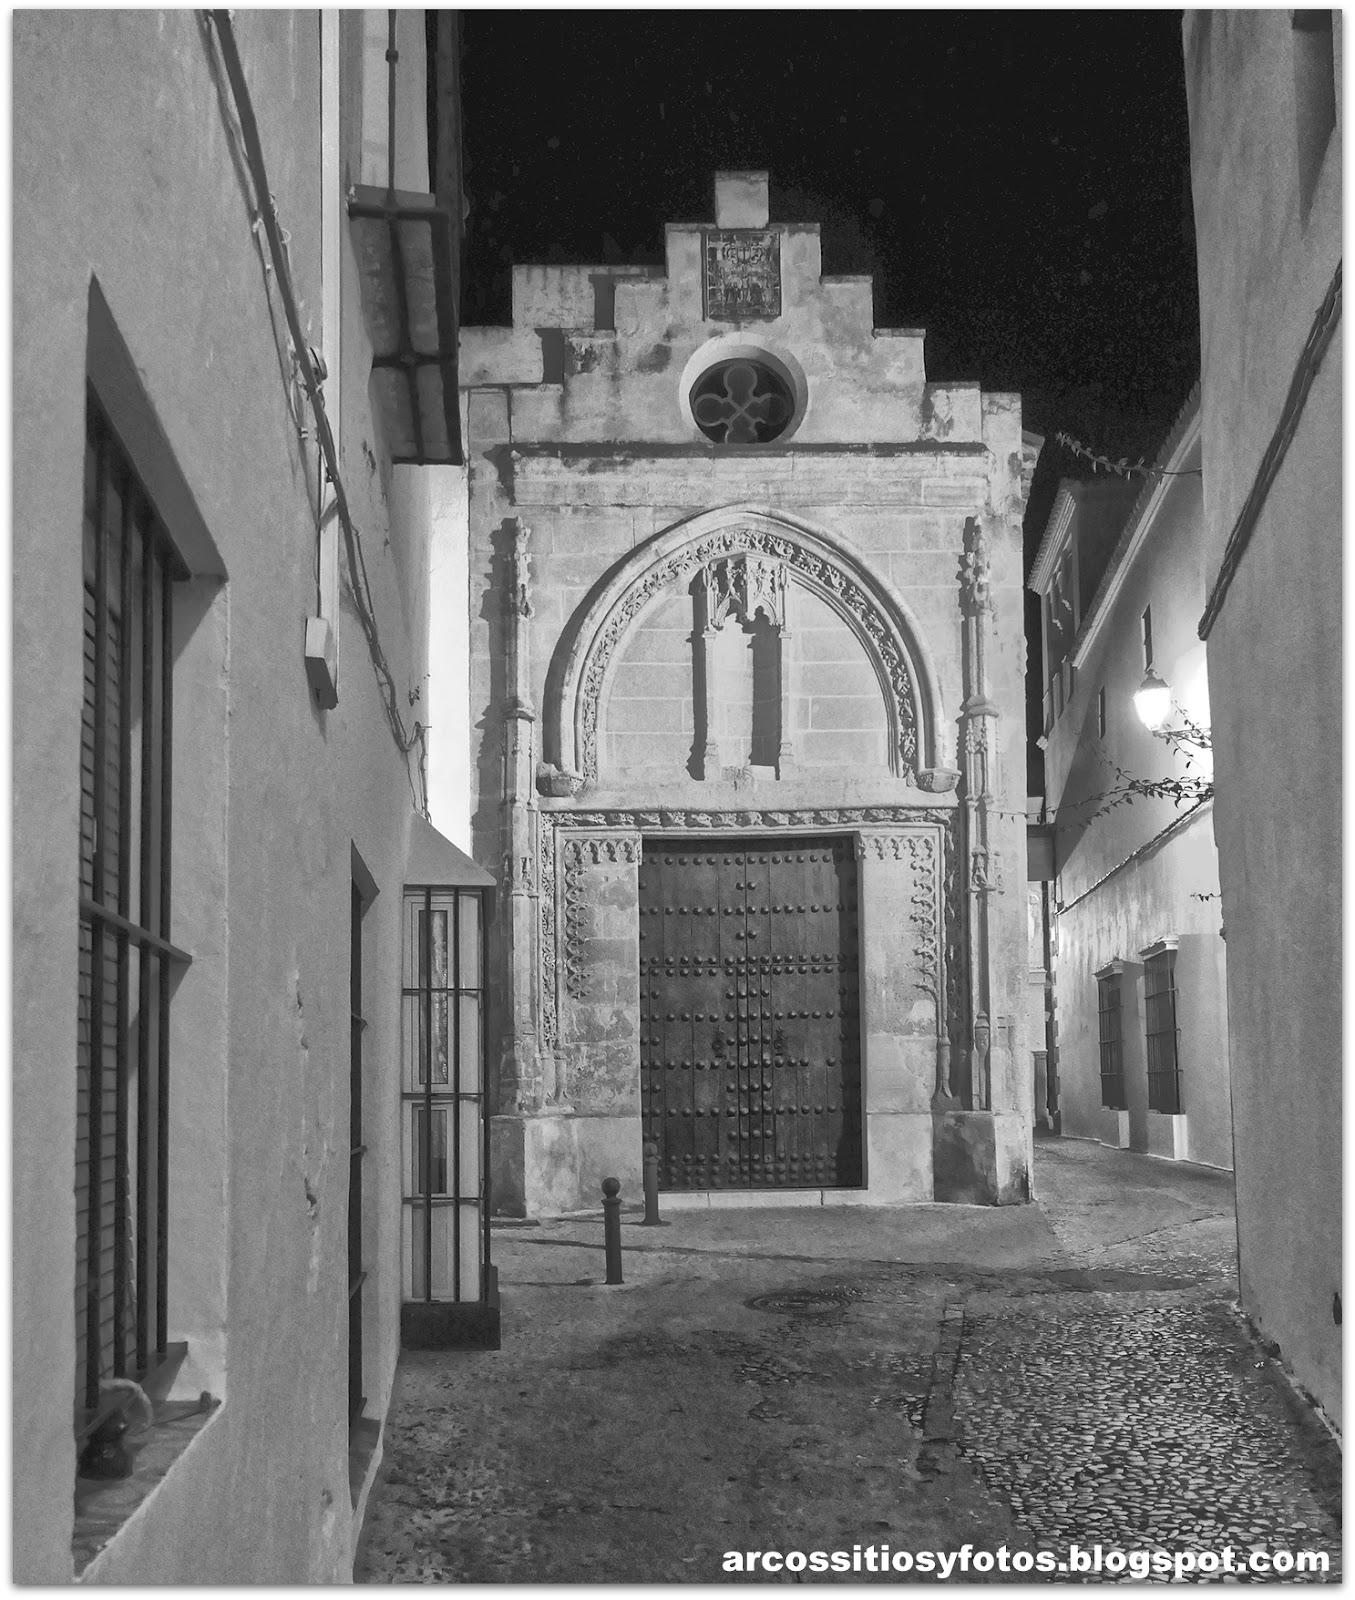 Arcos sitios y fotos calle nu ez de prado for Calle prado camacho 8